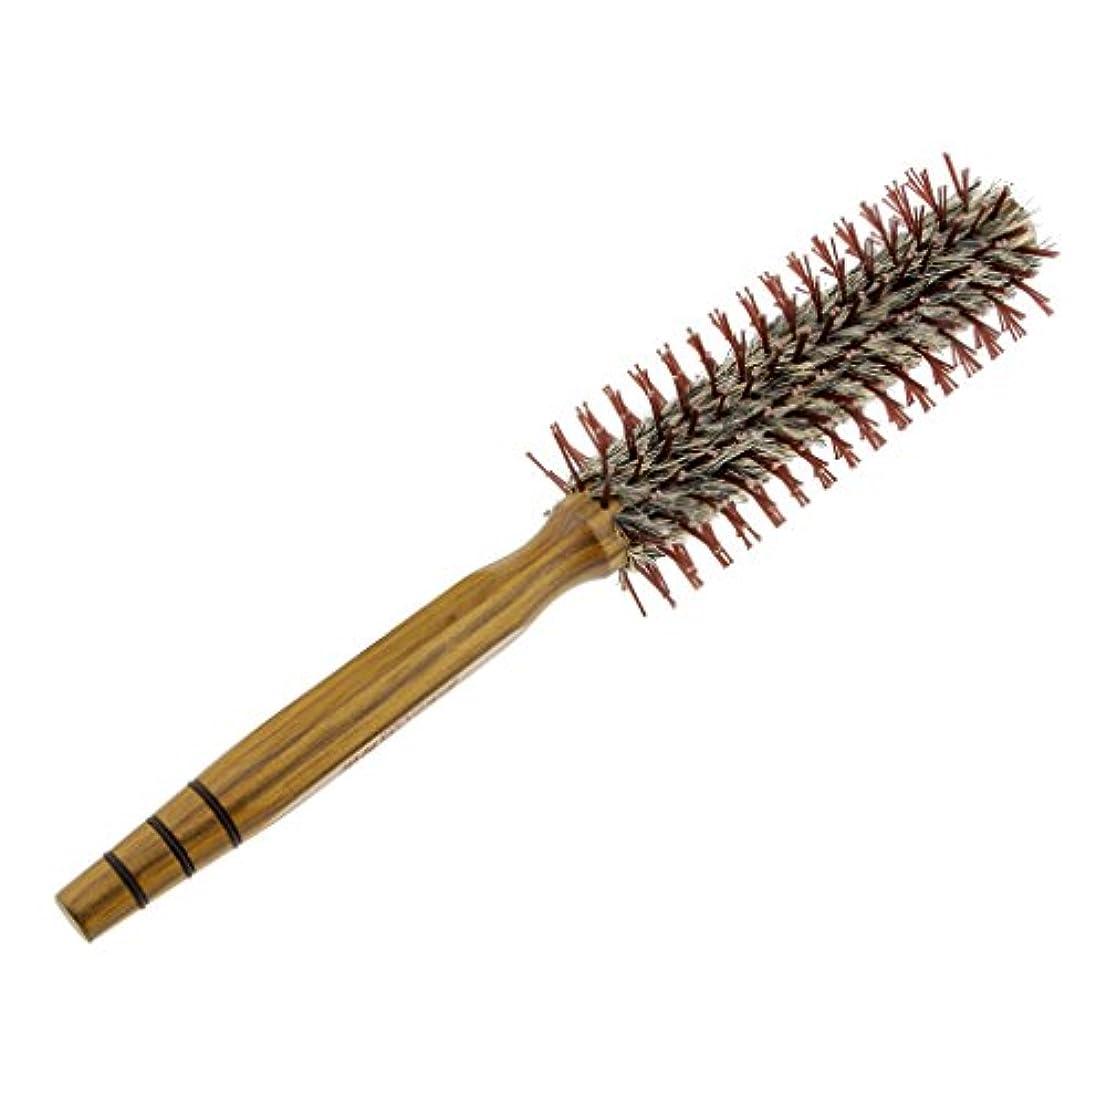 不忠動物園落ち着いてドレッシングの巻き毛のイノシシのブラシの櫛を様式化する木の円形のヘアブラシの大広間 - M